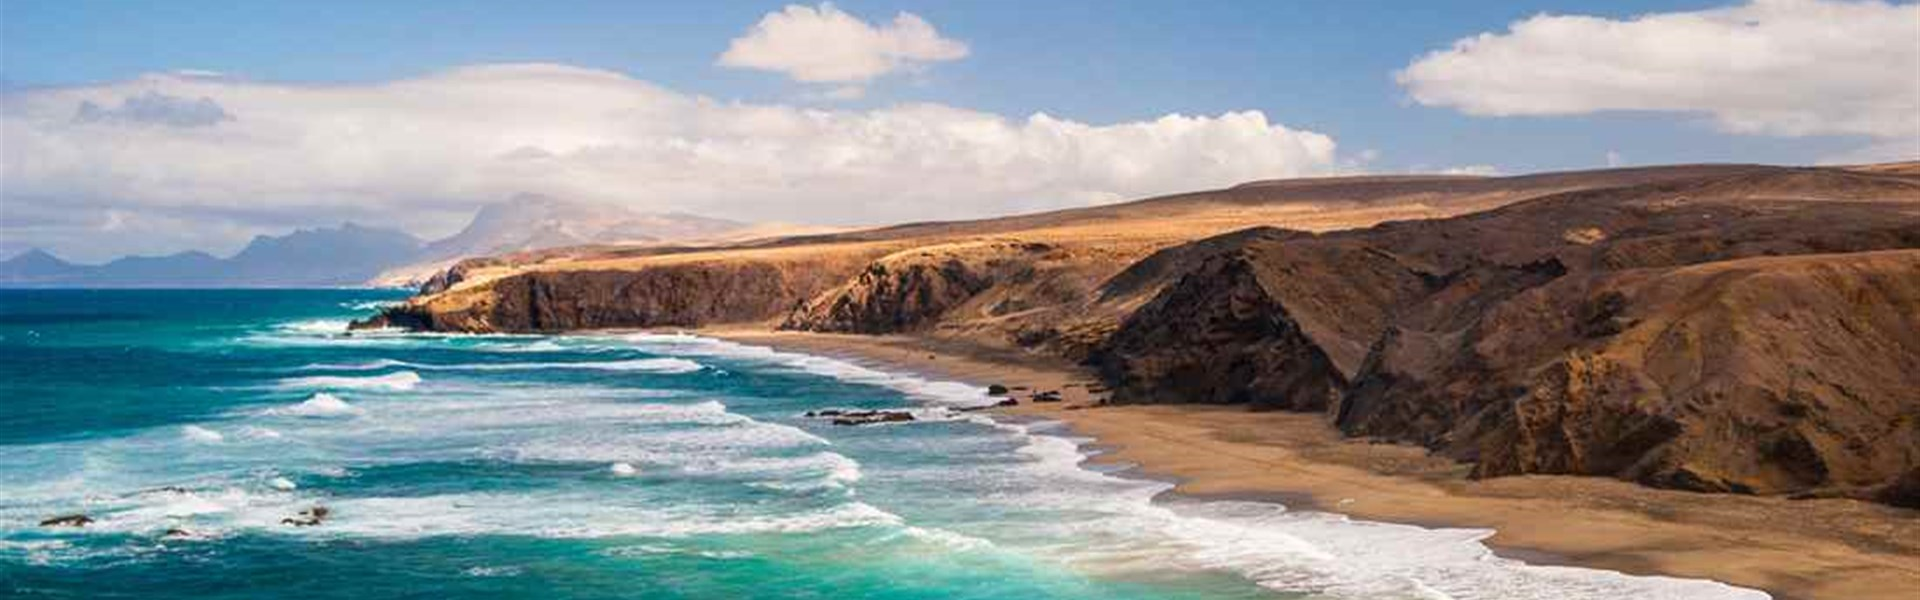 Za krásami Kanárských ostrovů s průvodcem: Gran Canaria-Fuerteventura-Lanzarote - Ostrov Fuerteventura - Dovolená s CK Marco Polo